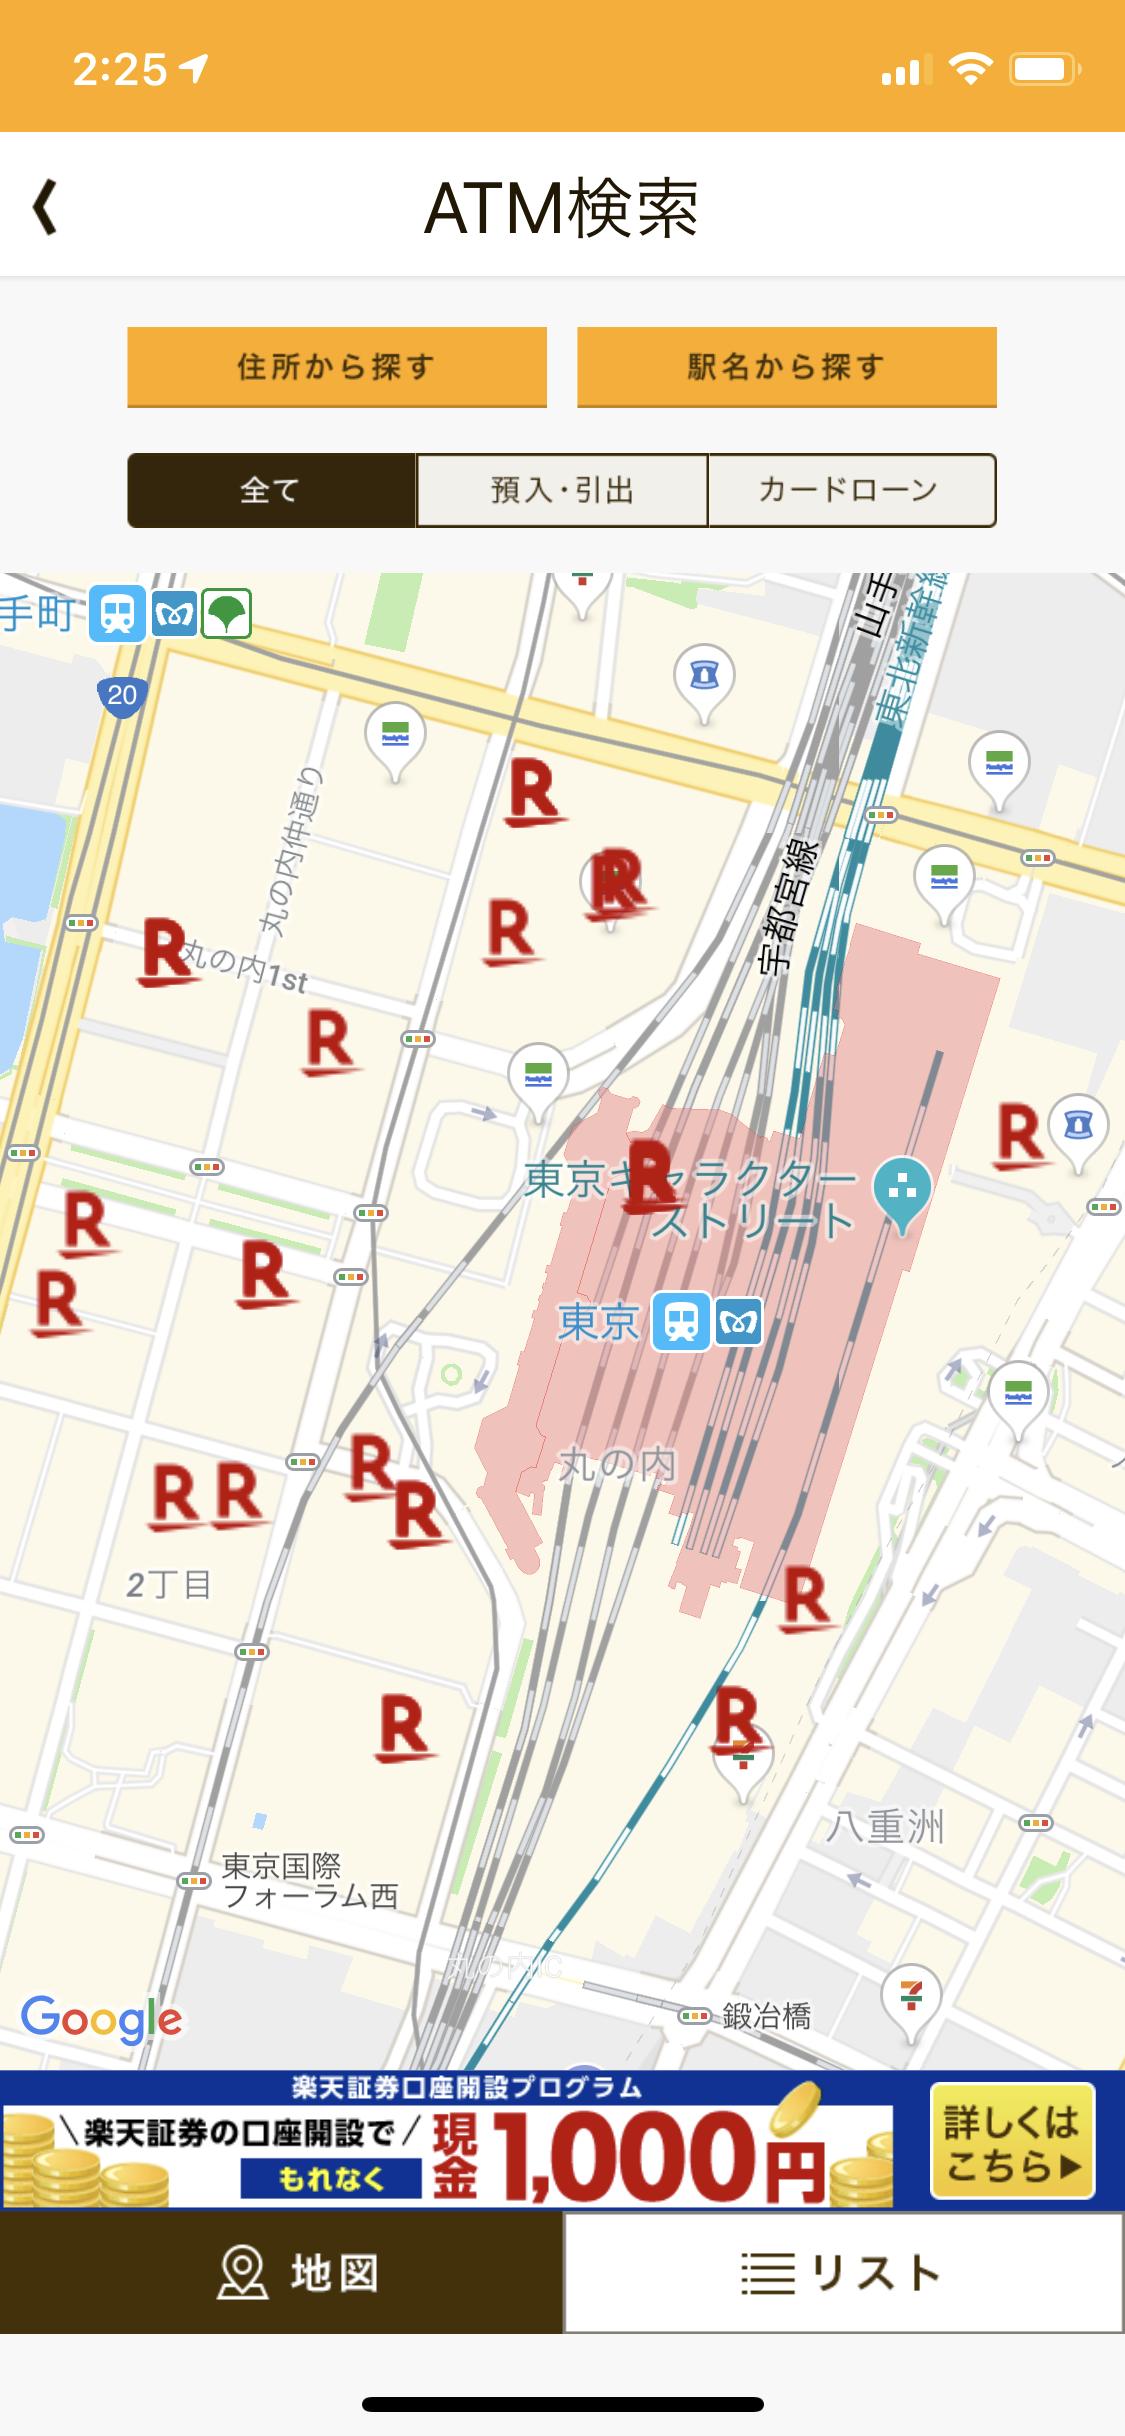 楽天銀行アプリの現在地付近ATM検索